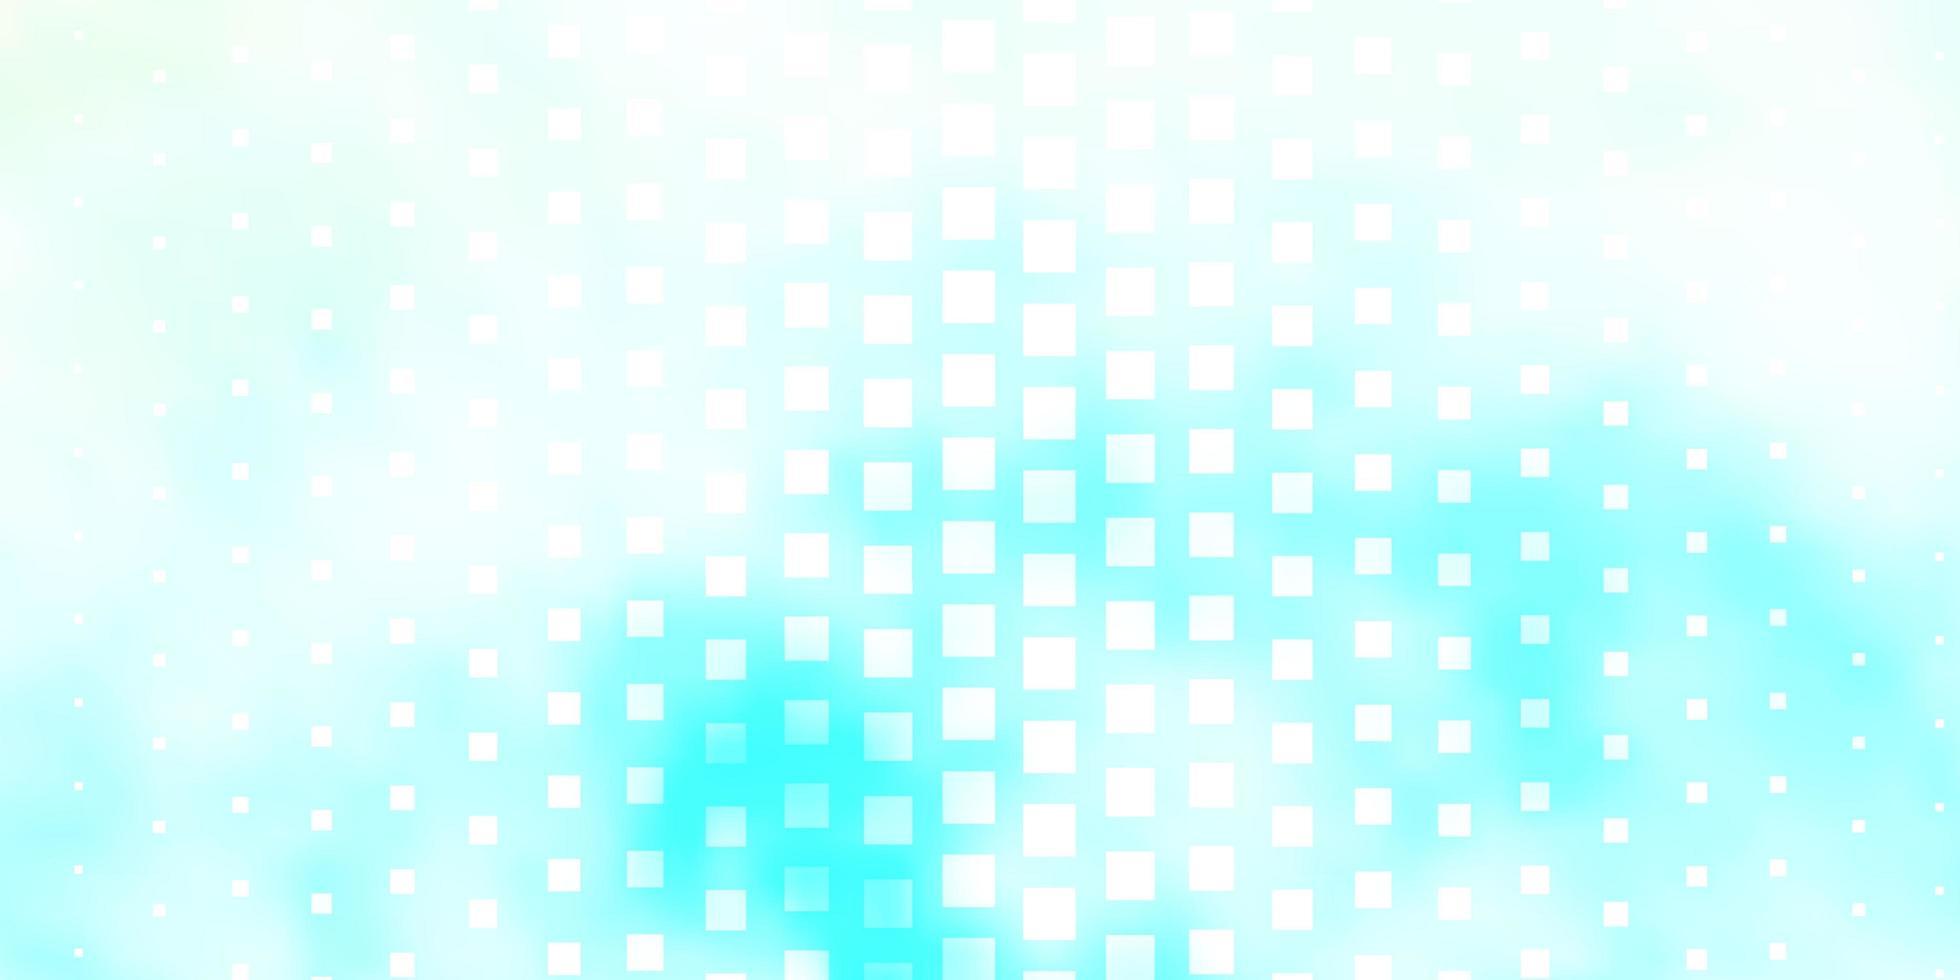 ljusblå vektorlayout med linjer, rektanglar vektor